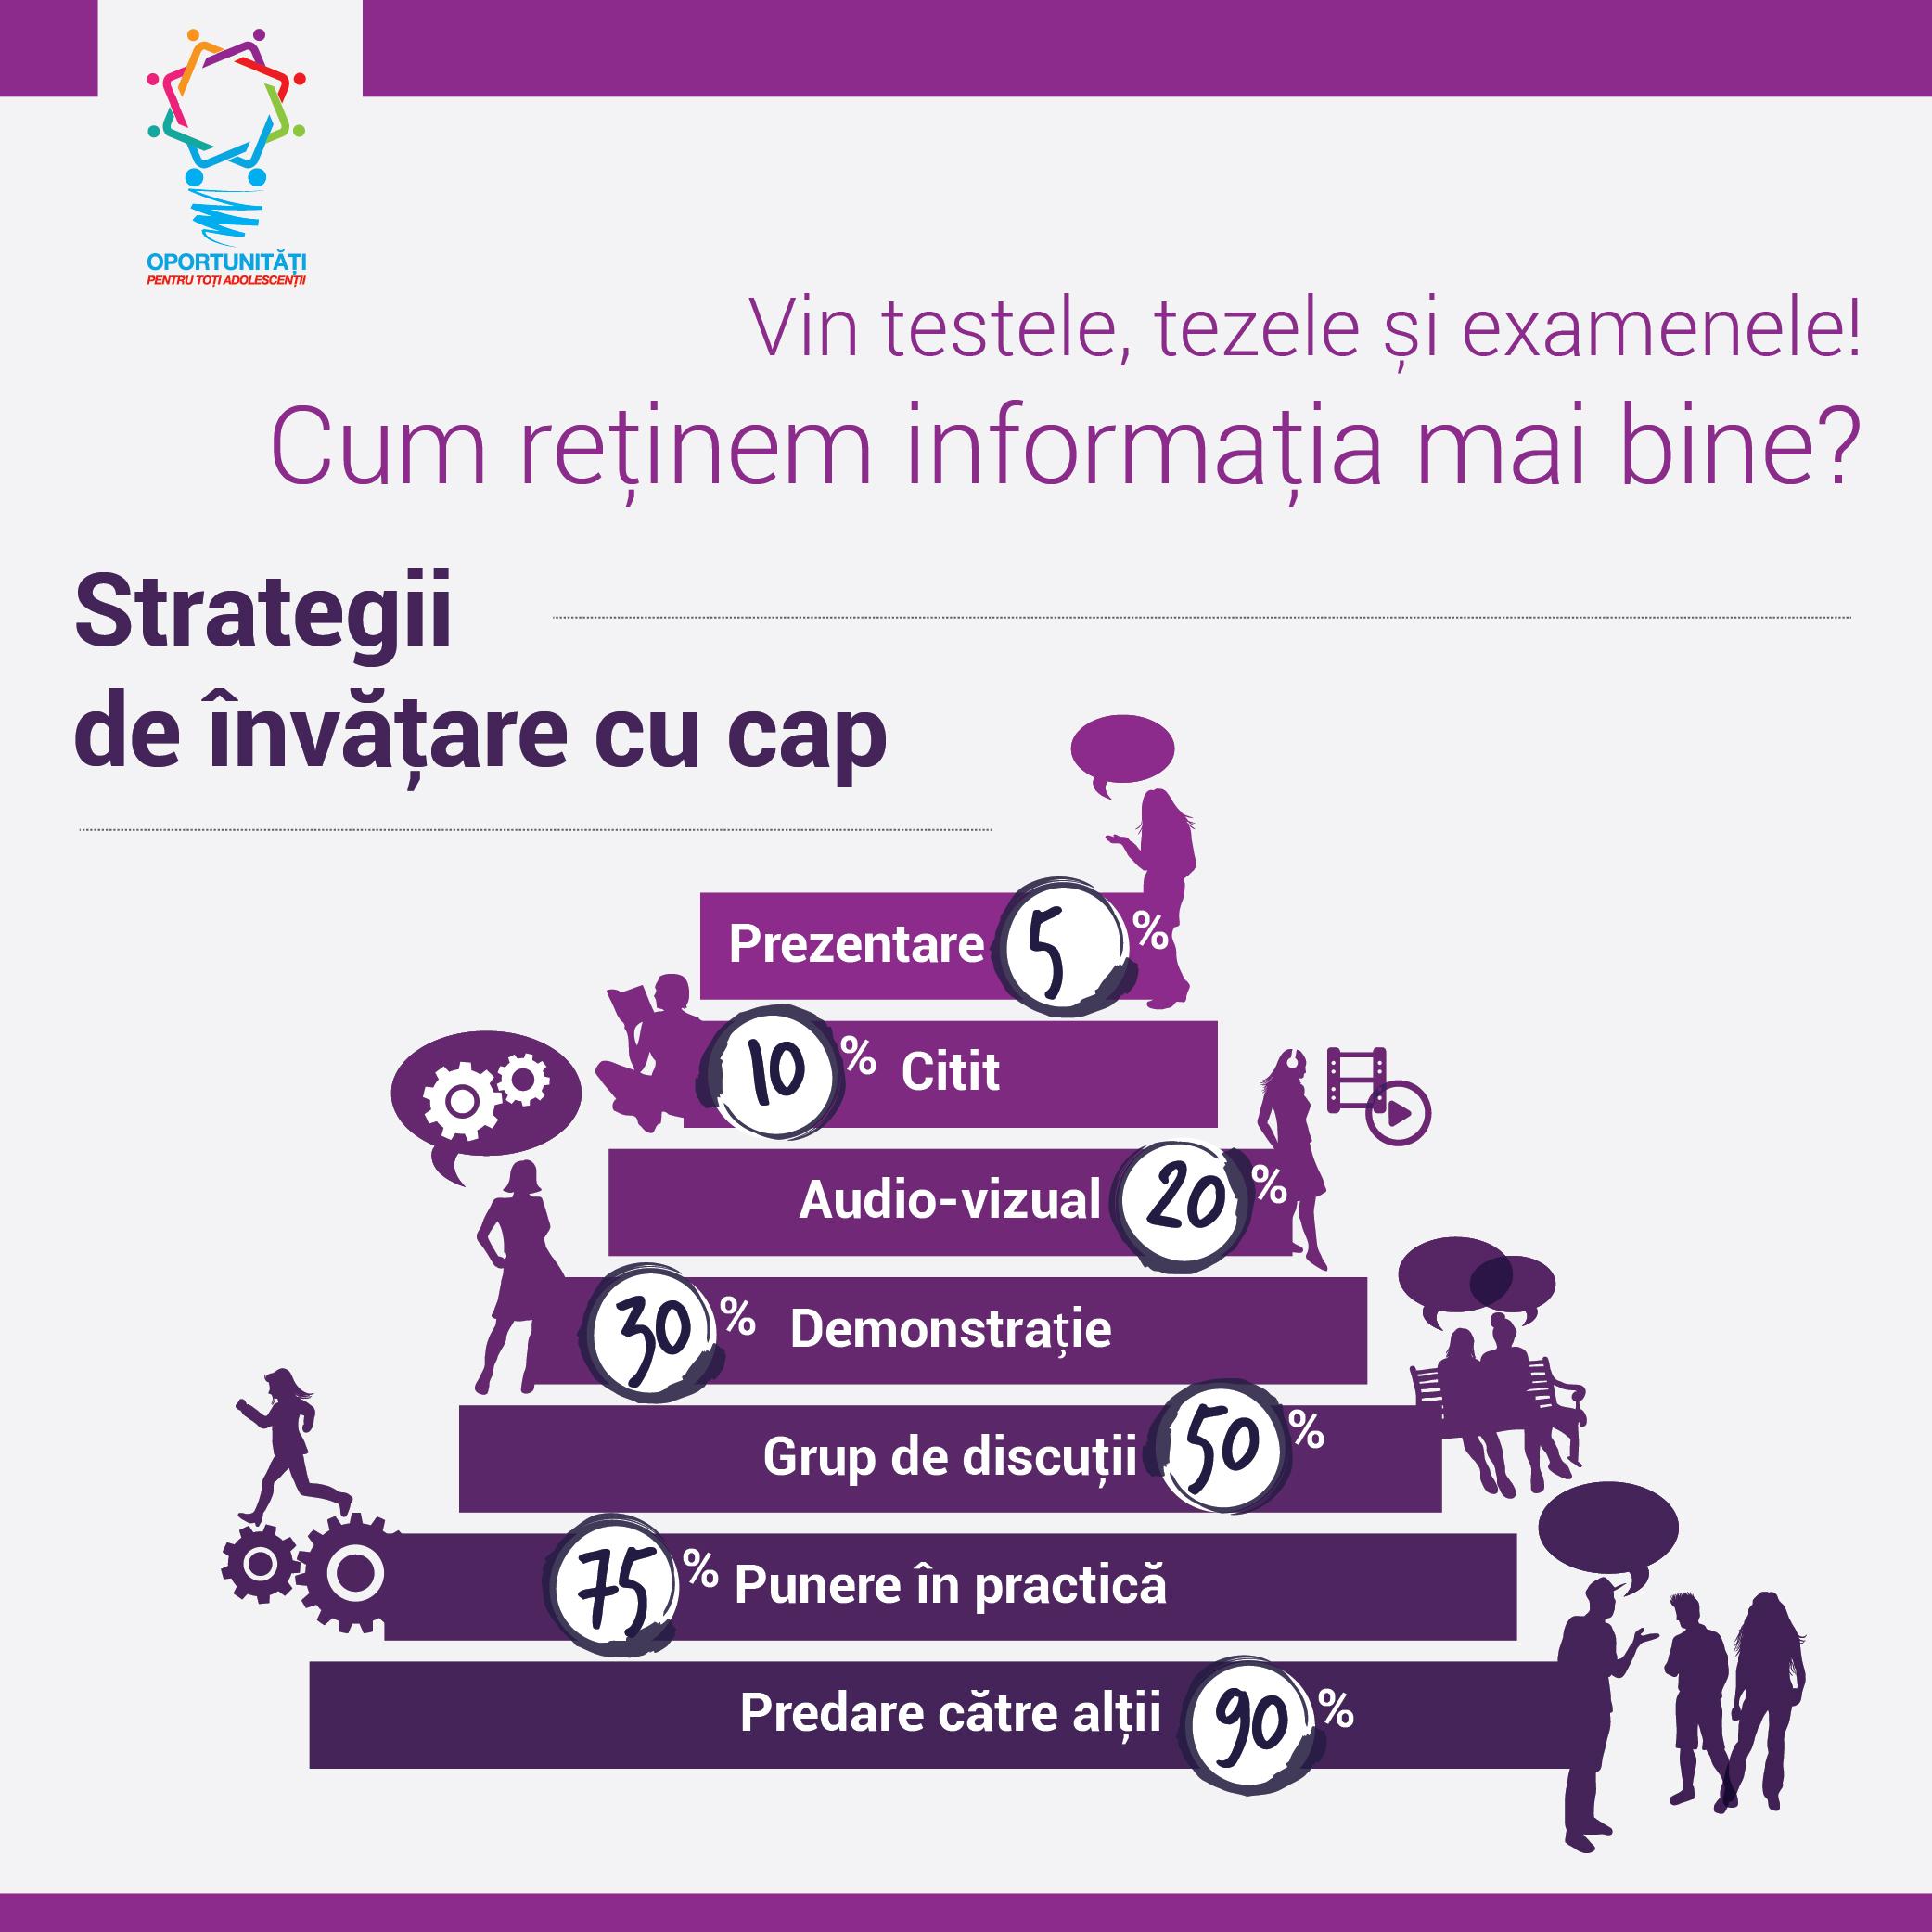 Strategii de învățare cu cap